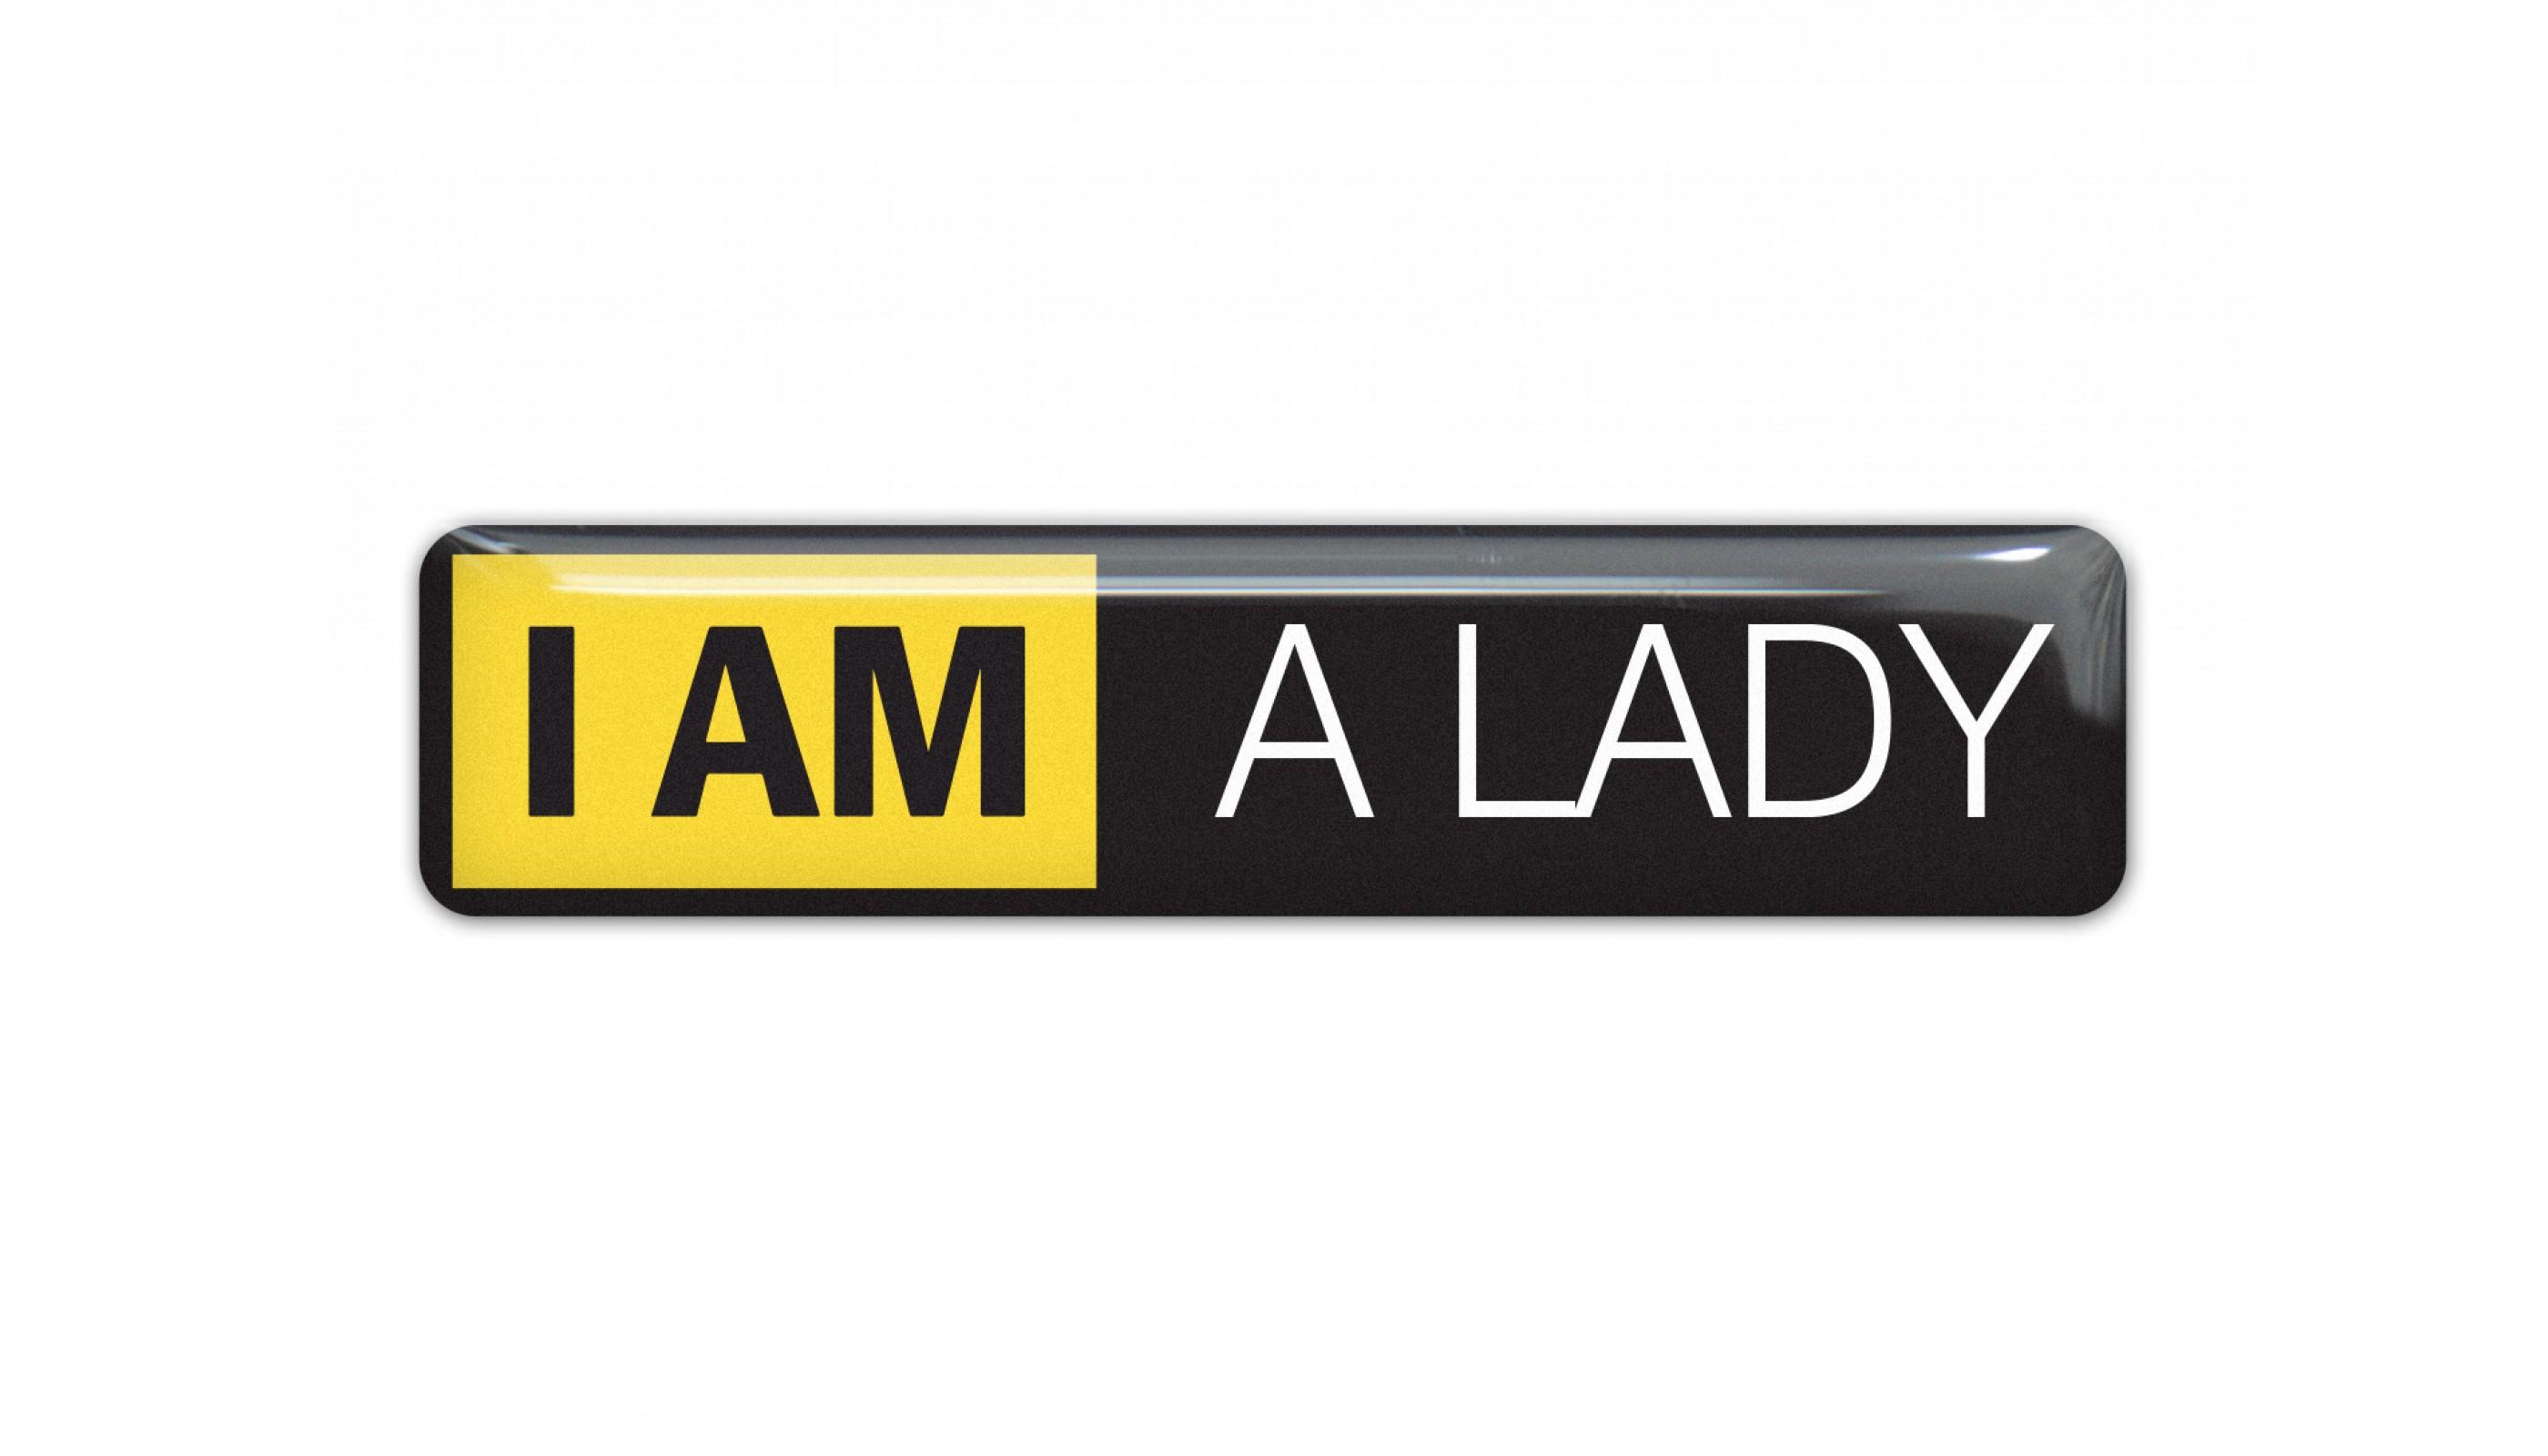 Nikon - Im a Lady